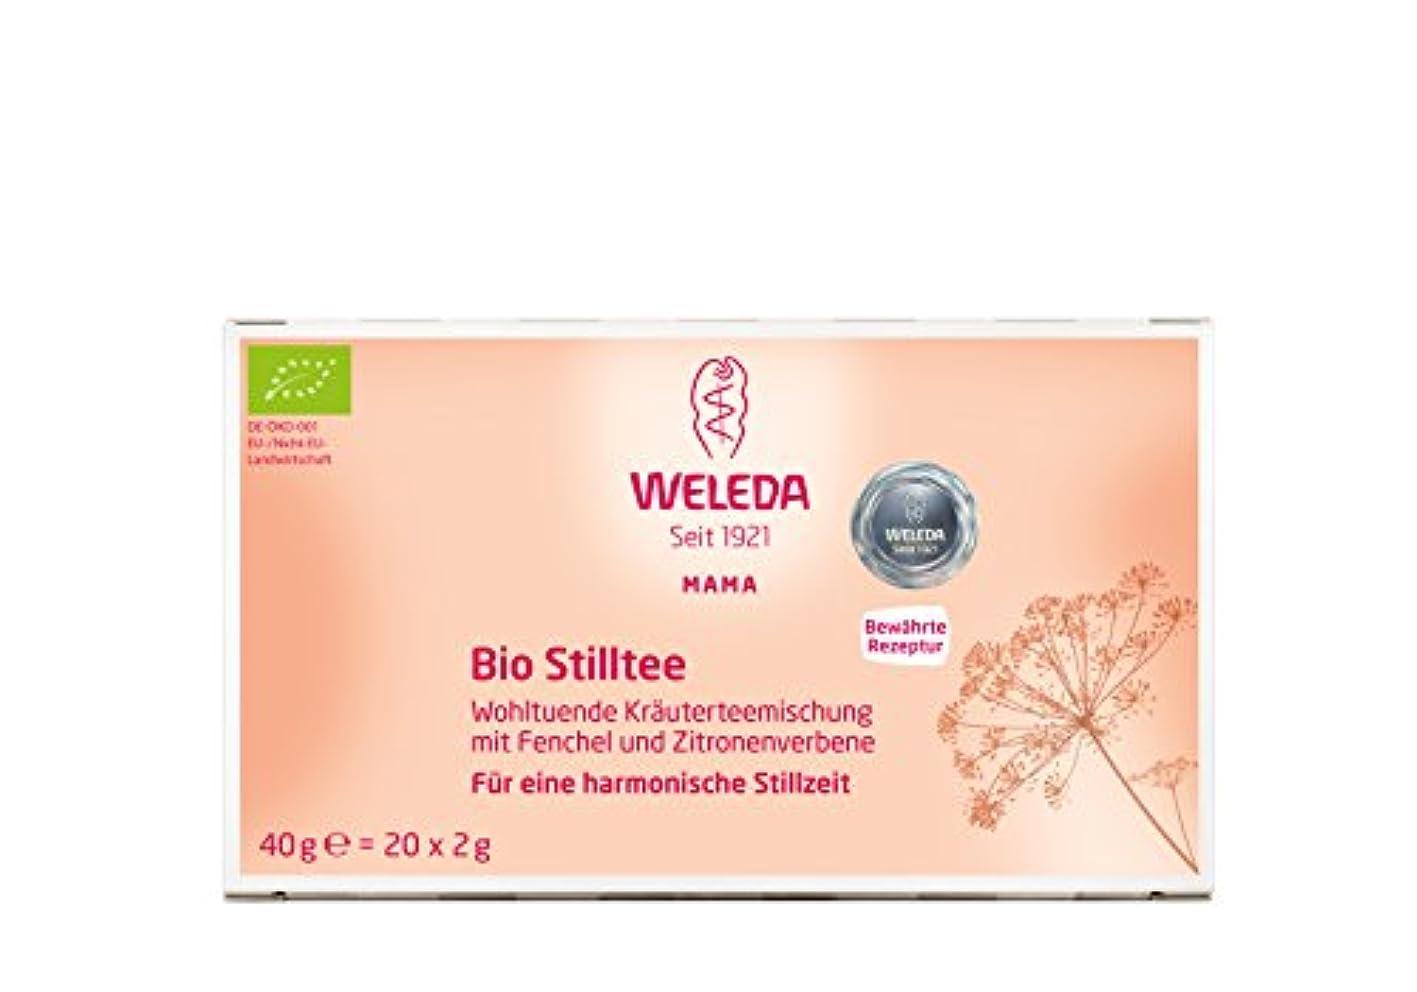 先に掘る鈍いWELEDA(ヴェレダ) マザーズティー 40g (2g×20包) 【ハーブティー?授乳期のママに?水分補給やリラックスしたいときに】